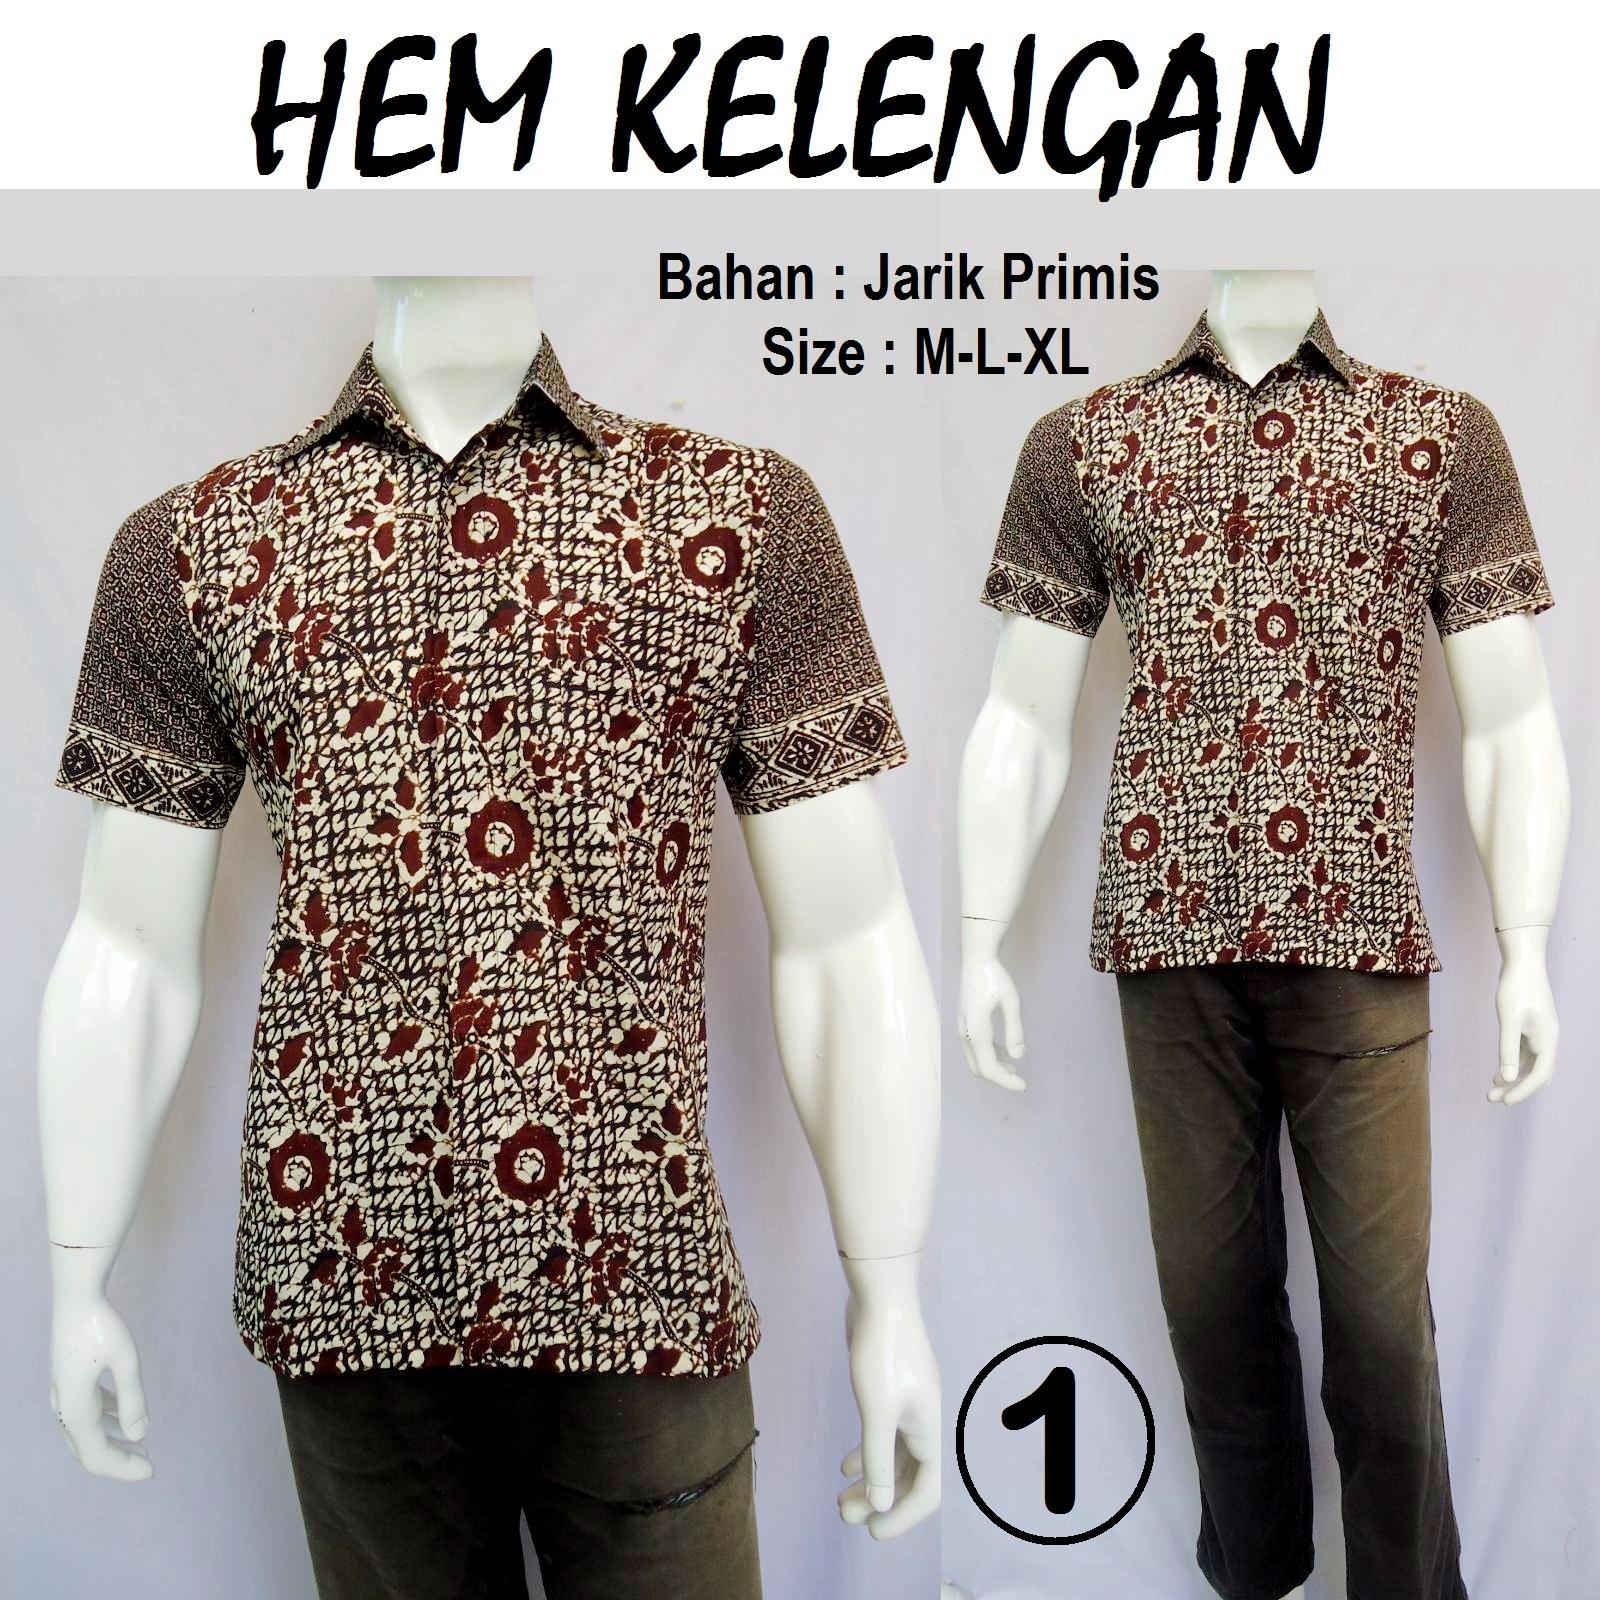 Produksi dan menjual grosireceran baju batik jadi KEMEJA BATIK